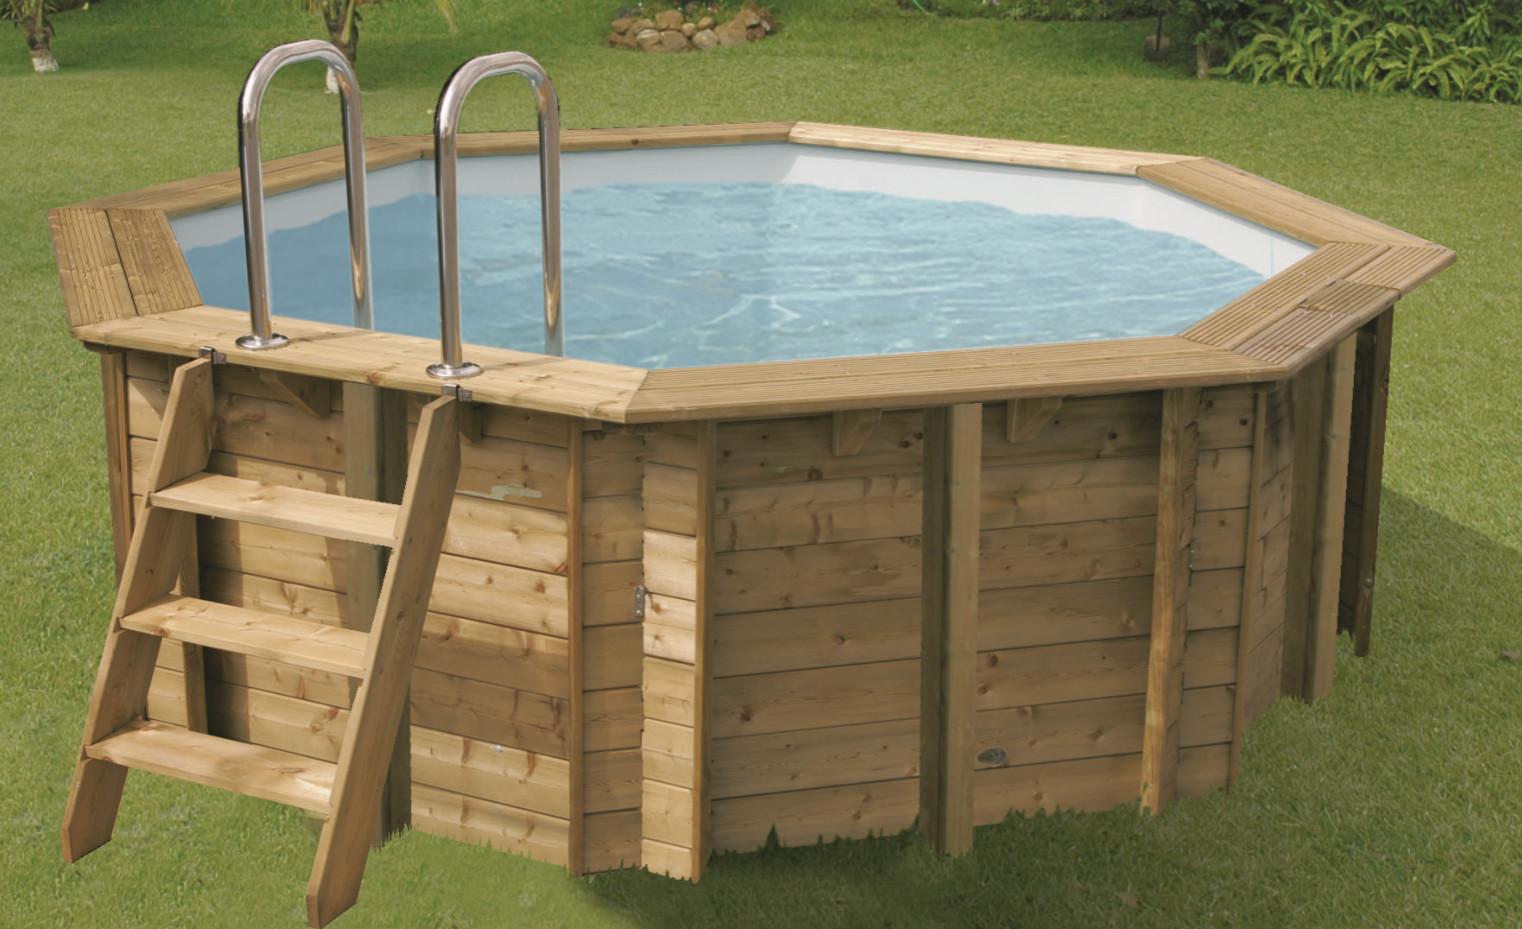 Piscine bois sunwater ronde en kit 360x120 piscineindustrie for Piscine bois en kit